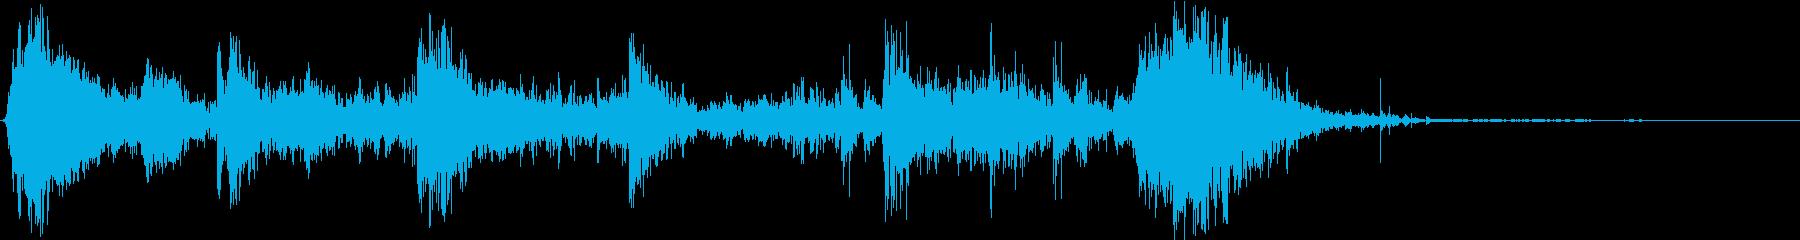 自動クラッシュ:Ext:ロールオー...の再生済みの波形